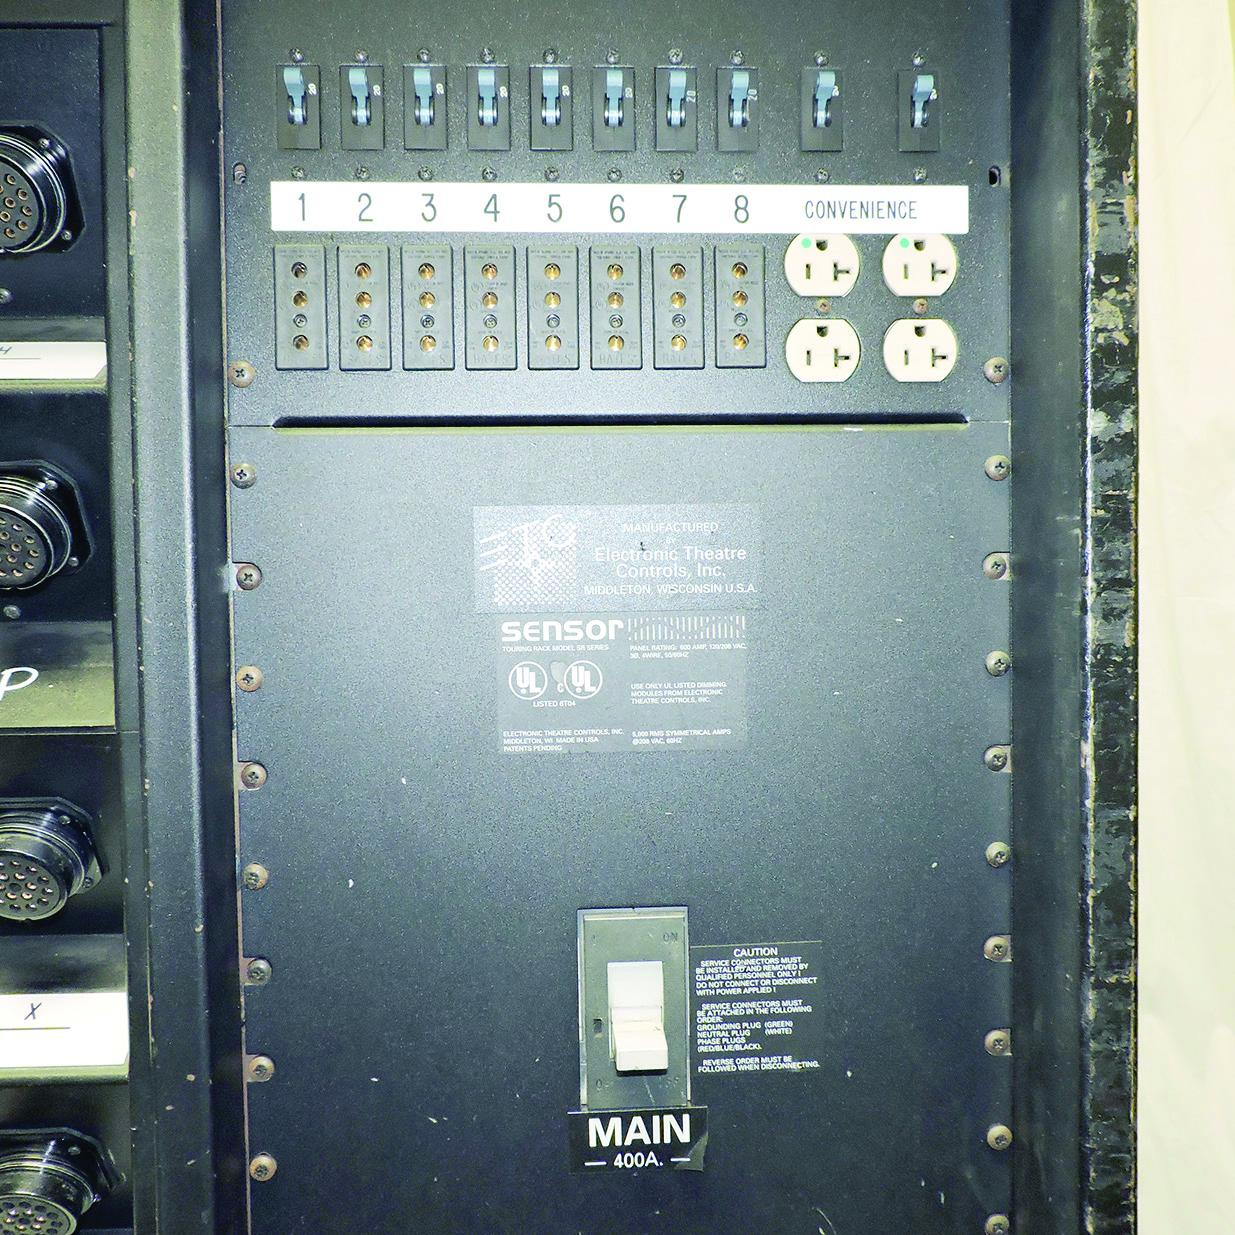 PRG Proshop - ETC Sensor-3 Dimmer Touring Rack 96 x 2 4K 400 amp 2 patch